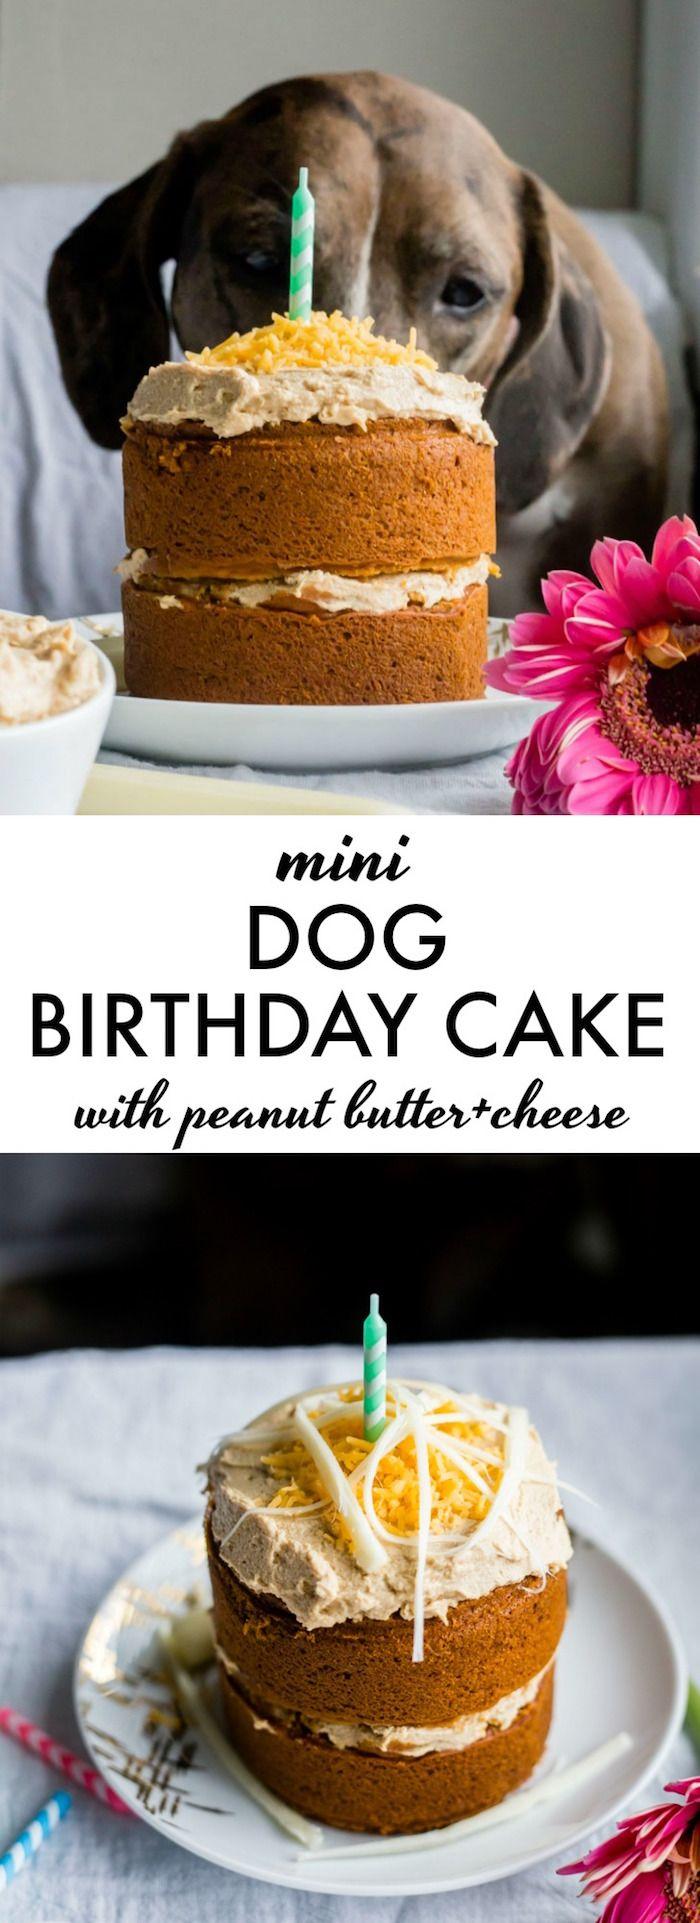 Mini Hund Geburtstagstorte | Wer sagt, dass Hunde an einem besonderen Tag keinen Kuchen genießen können? Th …   – DELICIOUS DESSERTS | ULTIMATE